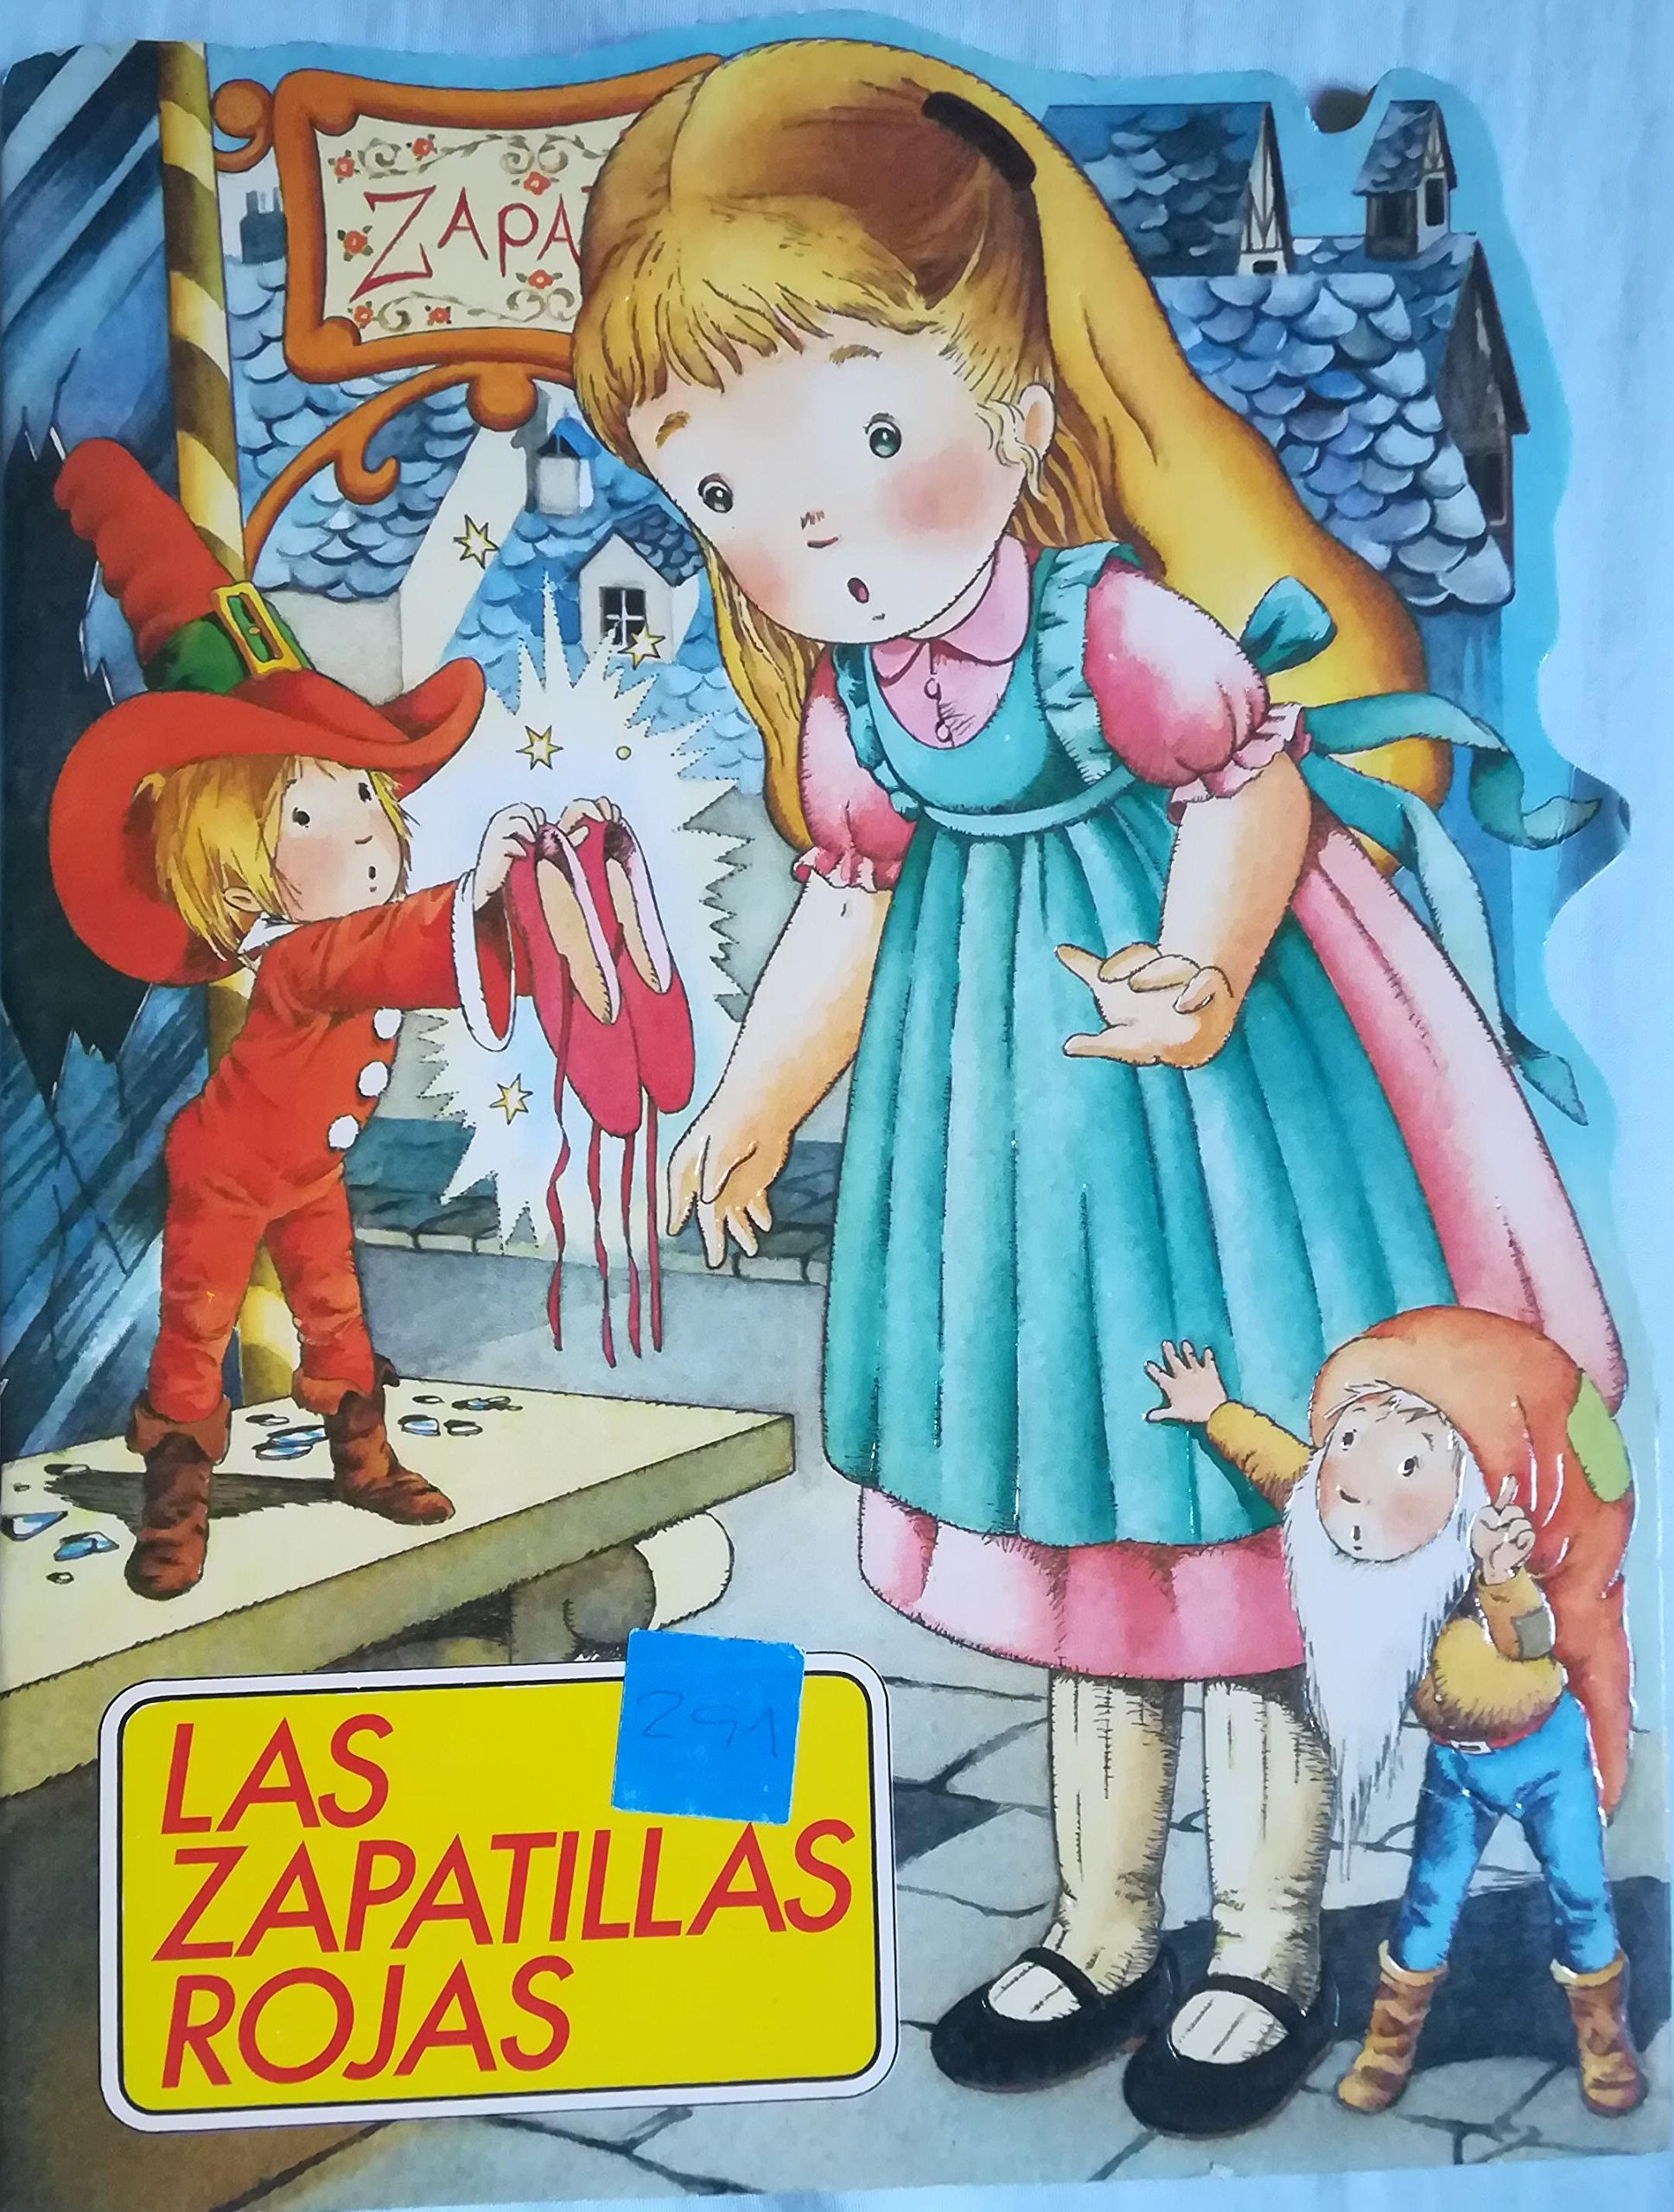 Zapatillas rojas, Las (CUENTOS CLÁSICOS TROQUELADOS): Amazon.es: Ediciones B: Libros